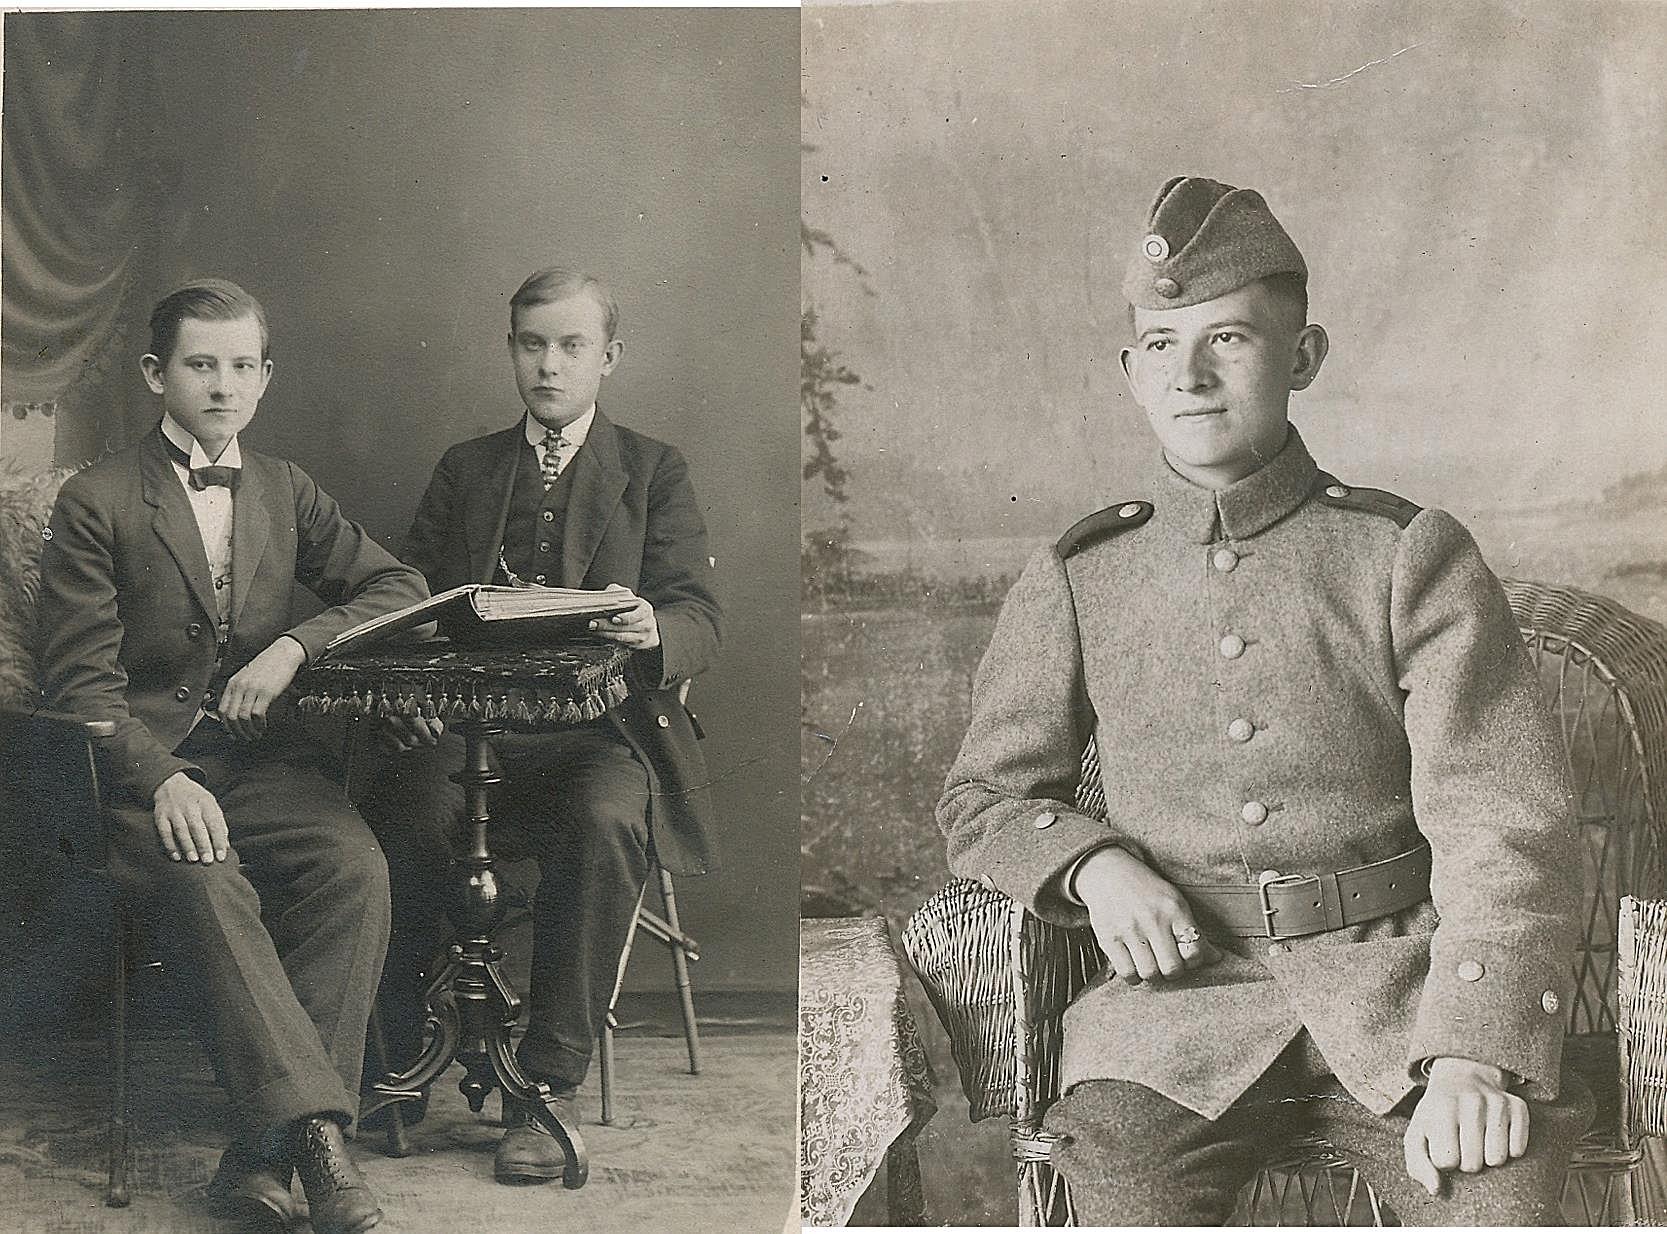 På bilden till vänster Oskar tillsammans med sin bror Frans ungefär år 1916. På bilden till höger Oskar i den nybildade finska militären, troligtvis 1918 just då Finland blivit självständigt.